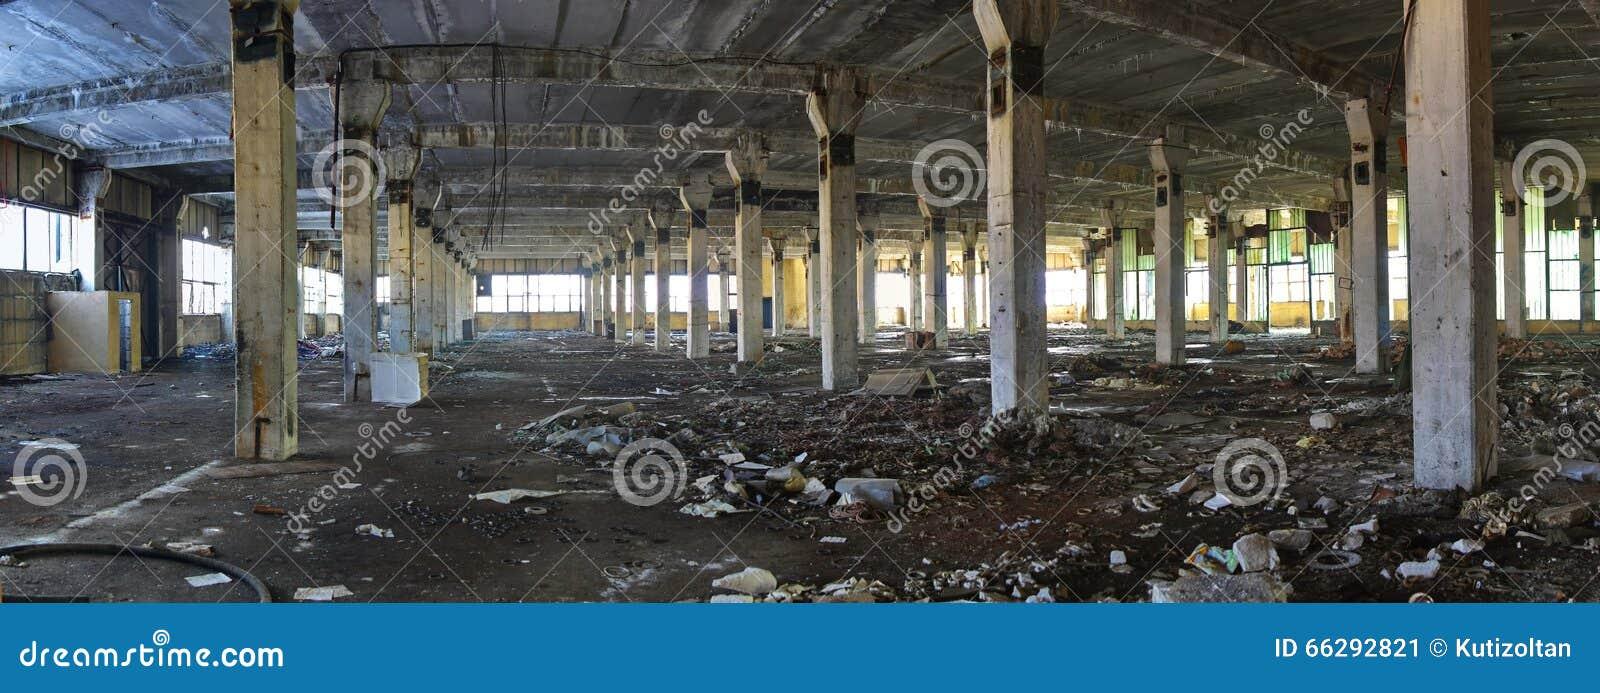 Покинутые руины интерьера фабрики - панорама